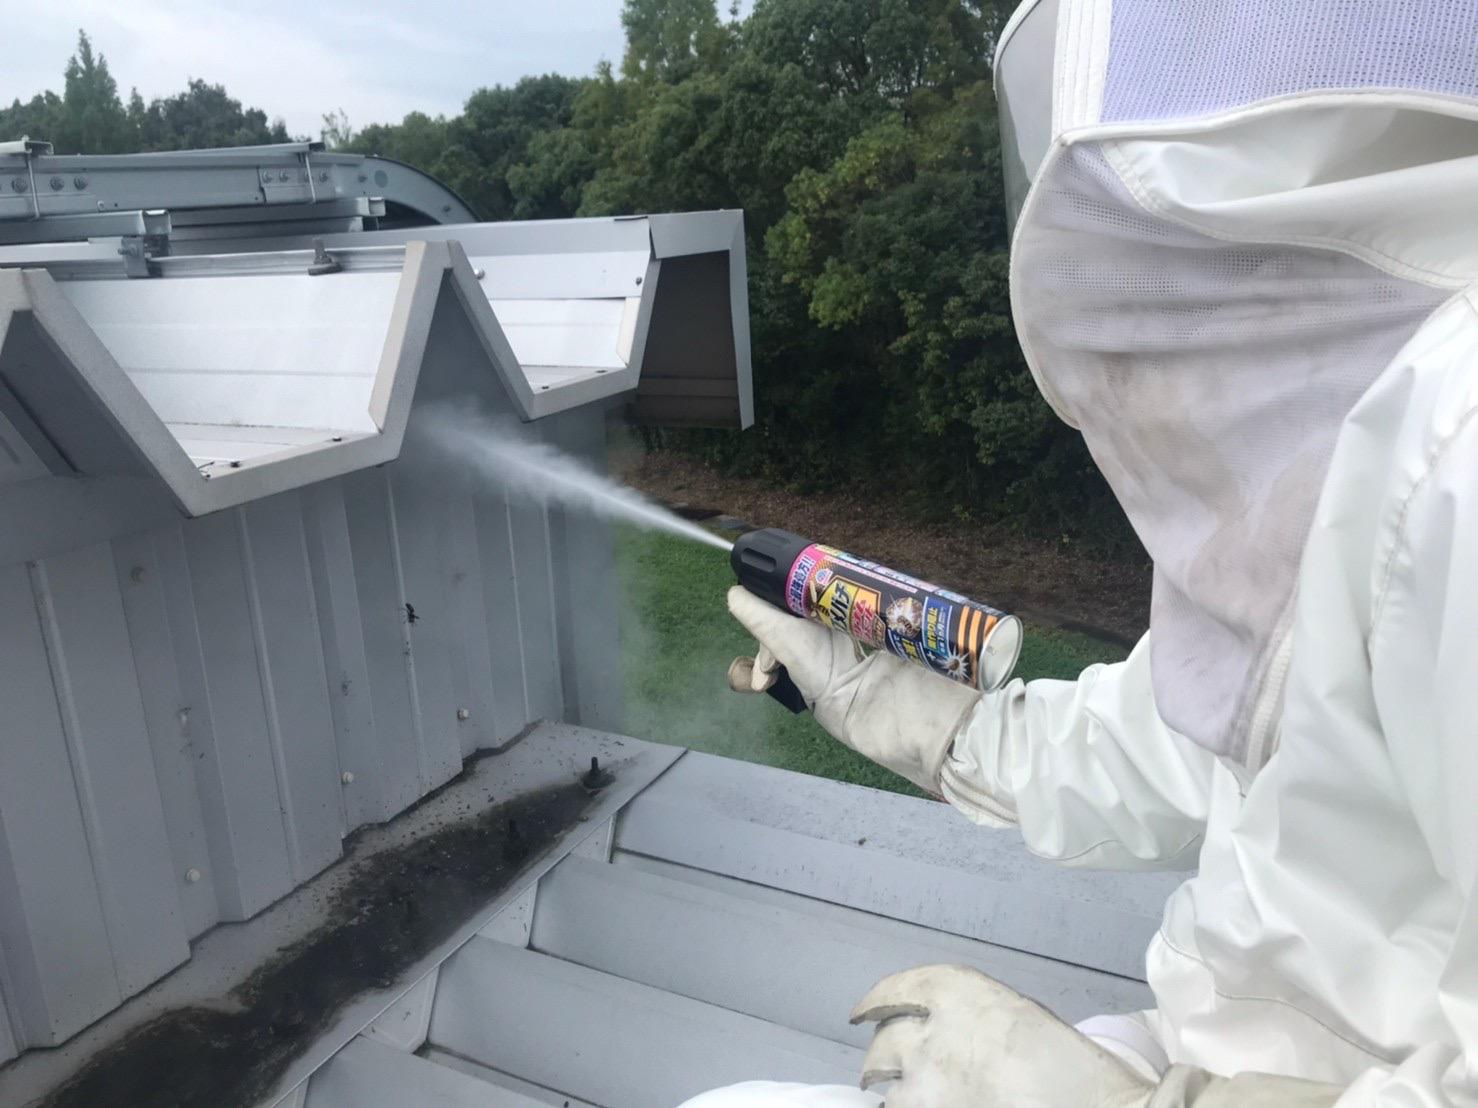 滋賀県大津市のスズメバチ駆除